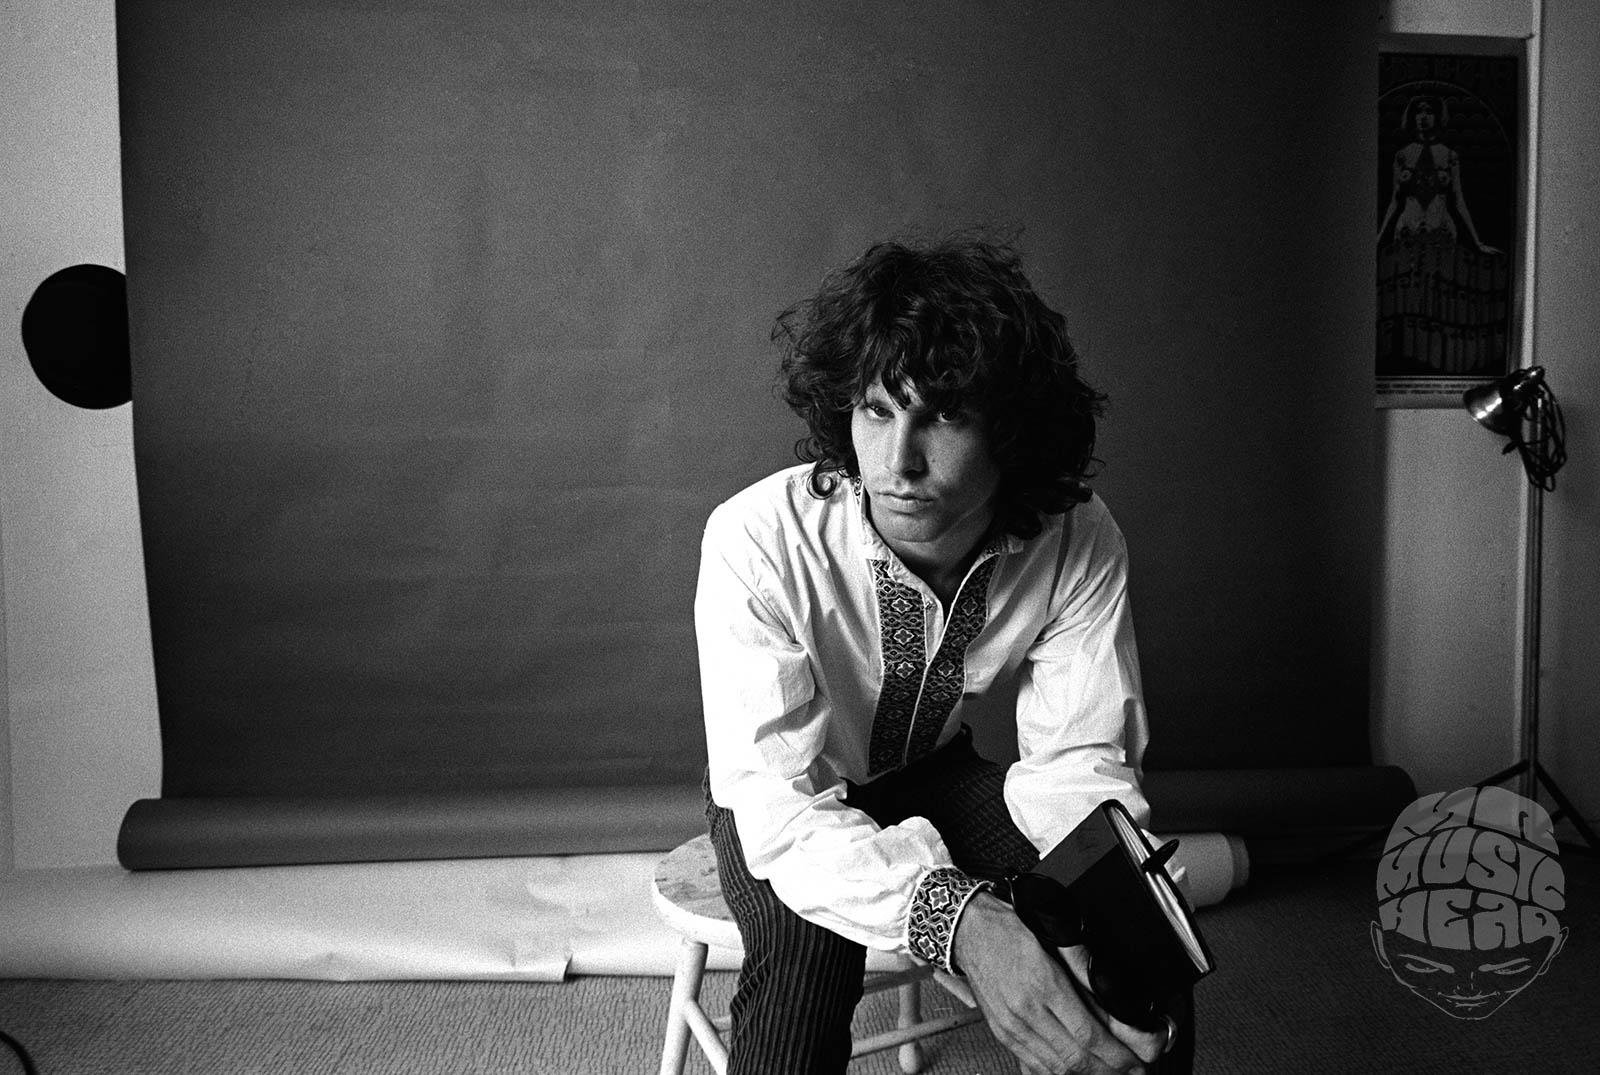 guy WEBSTER_Jim Morrison.jpg